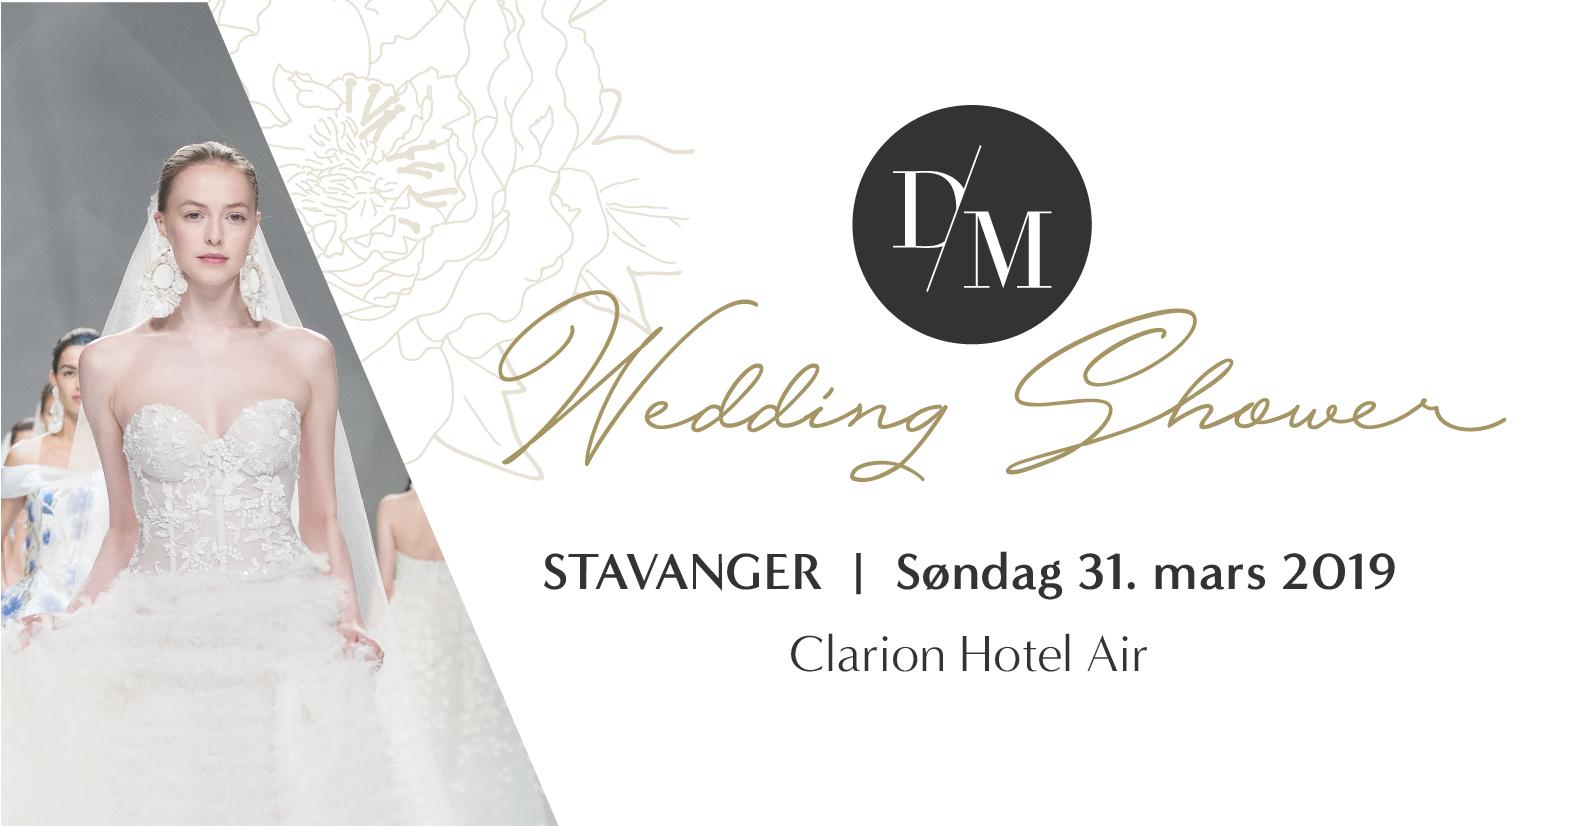 Weddingshower Stavanger.jpg